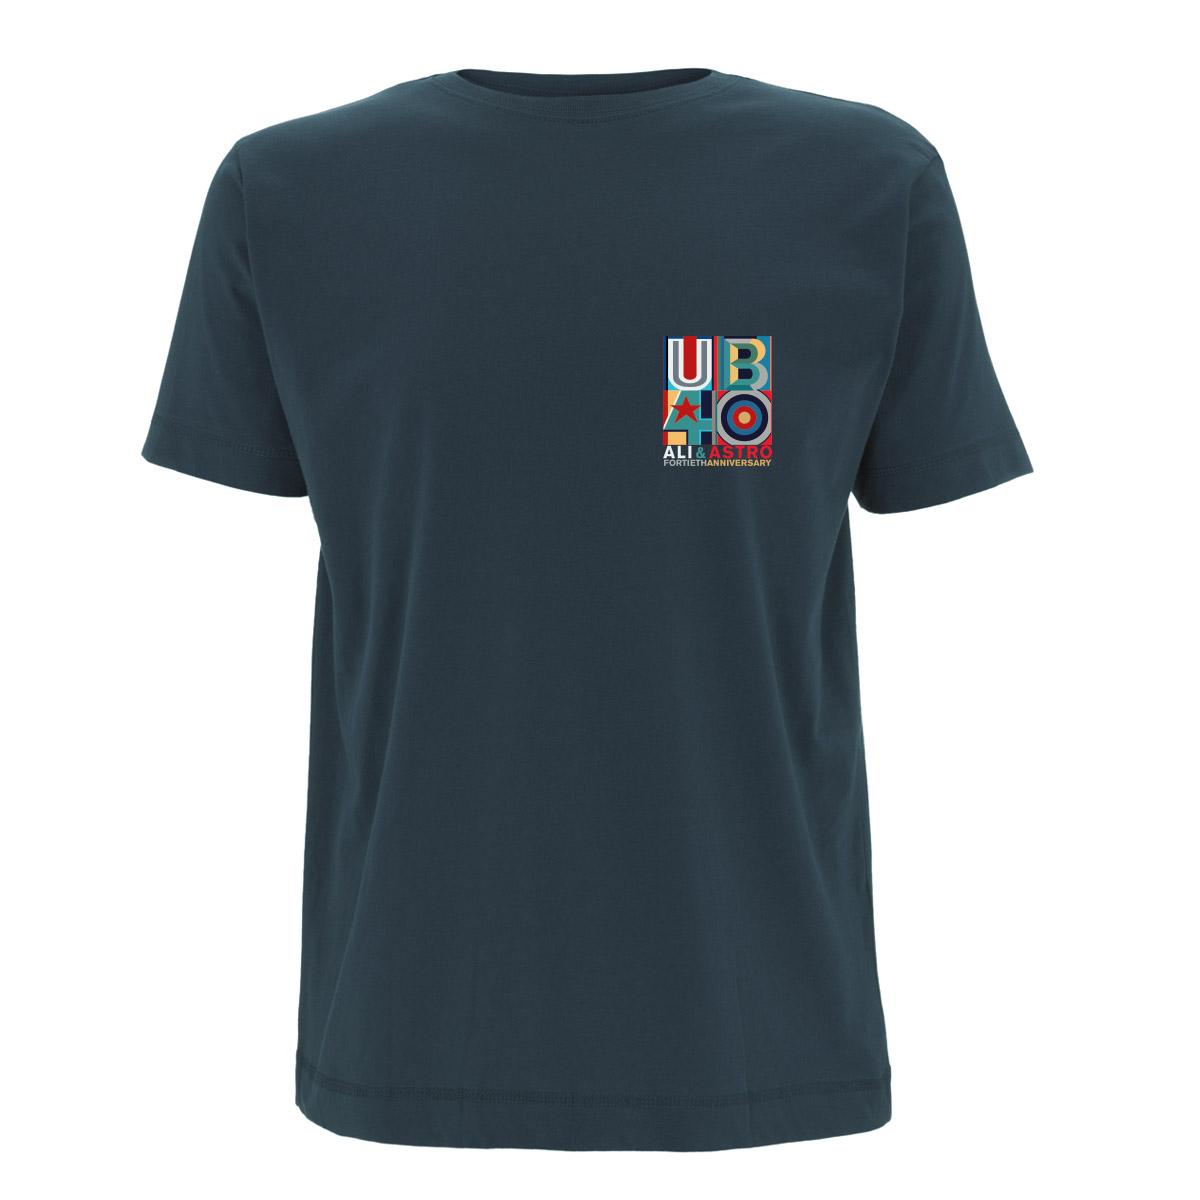 Square Anniversary - Dateback Blue Tee - UB40